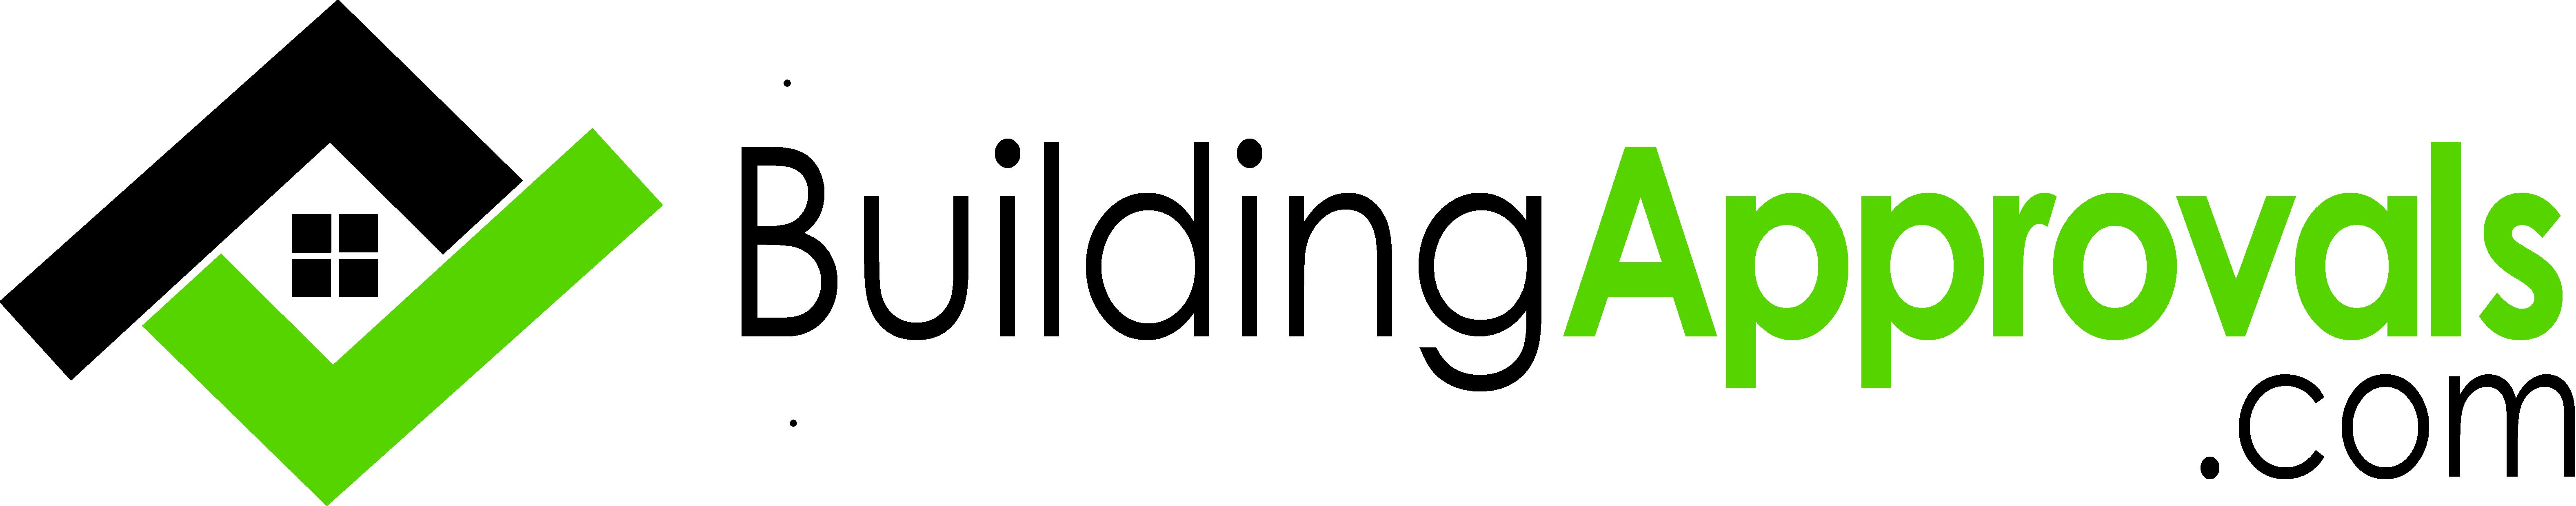 BuildingApprovals.com logo